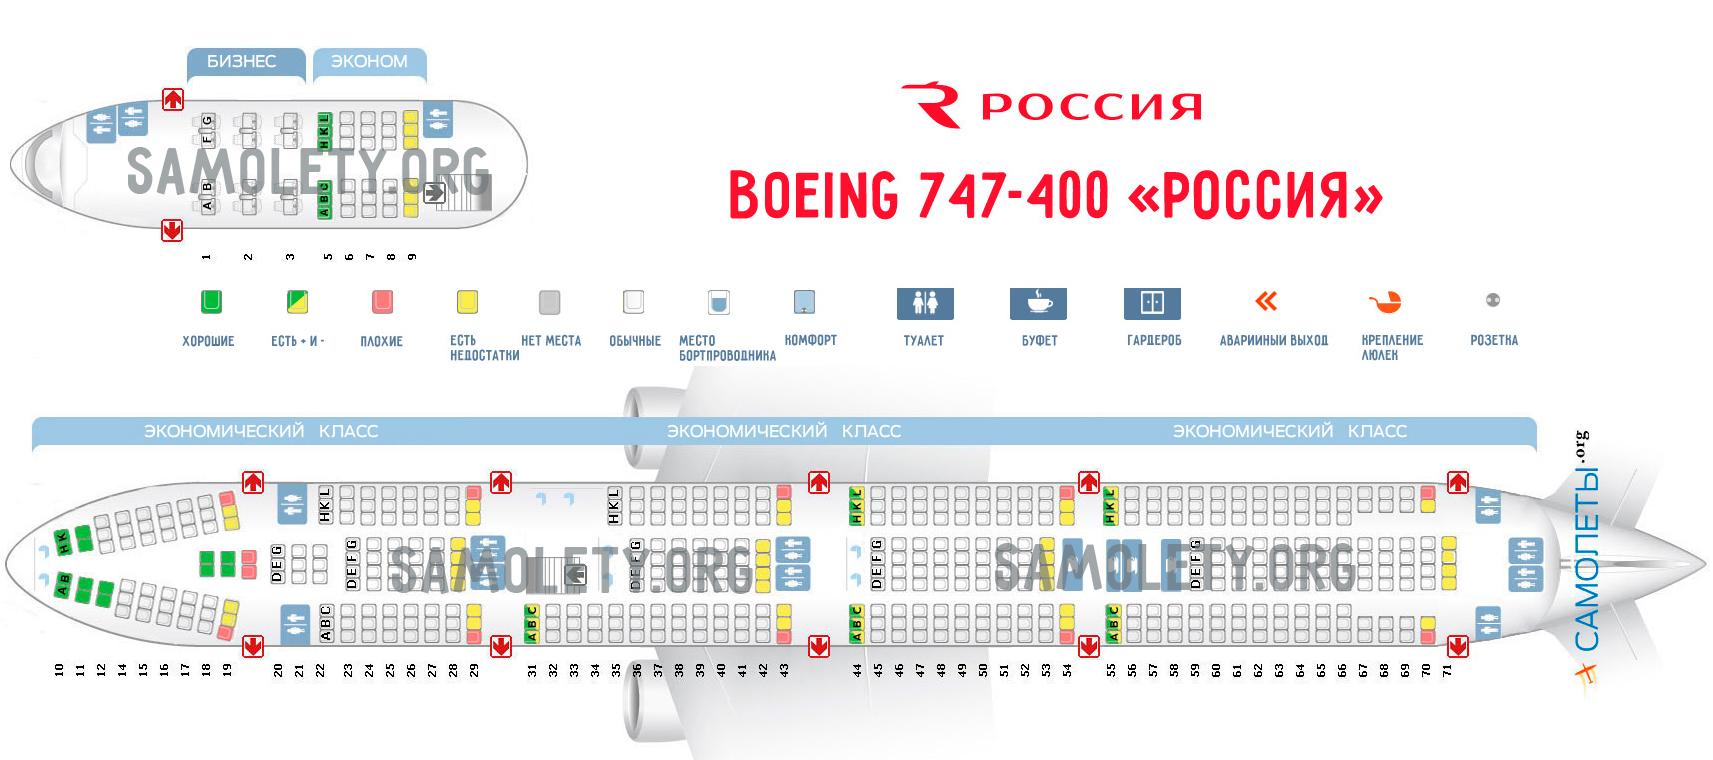 Схема самолета Boeing 747-400 авиакомпании Россия